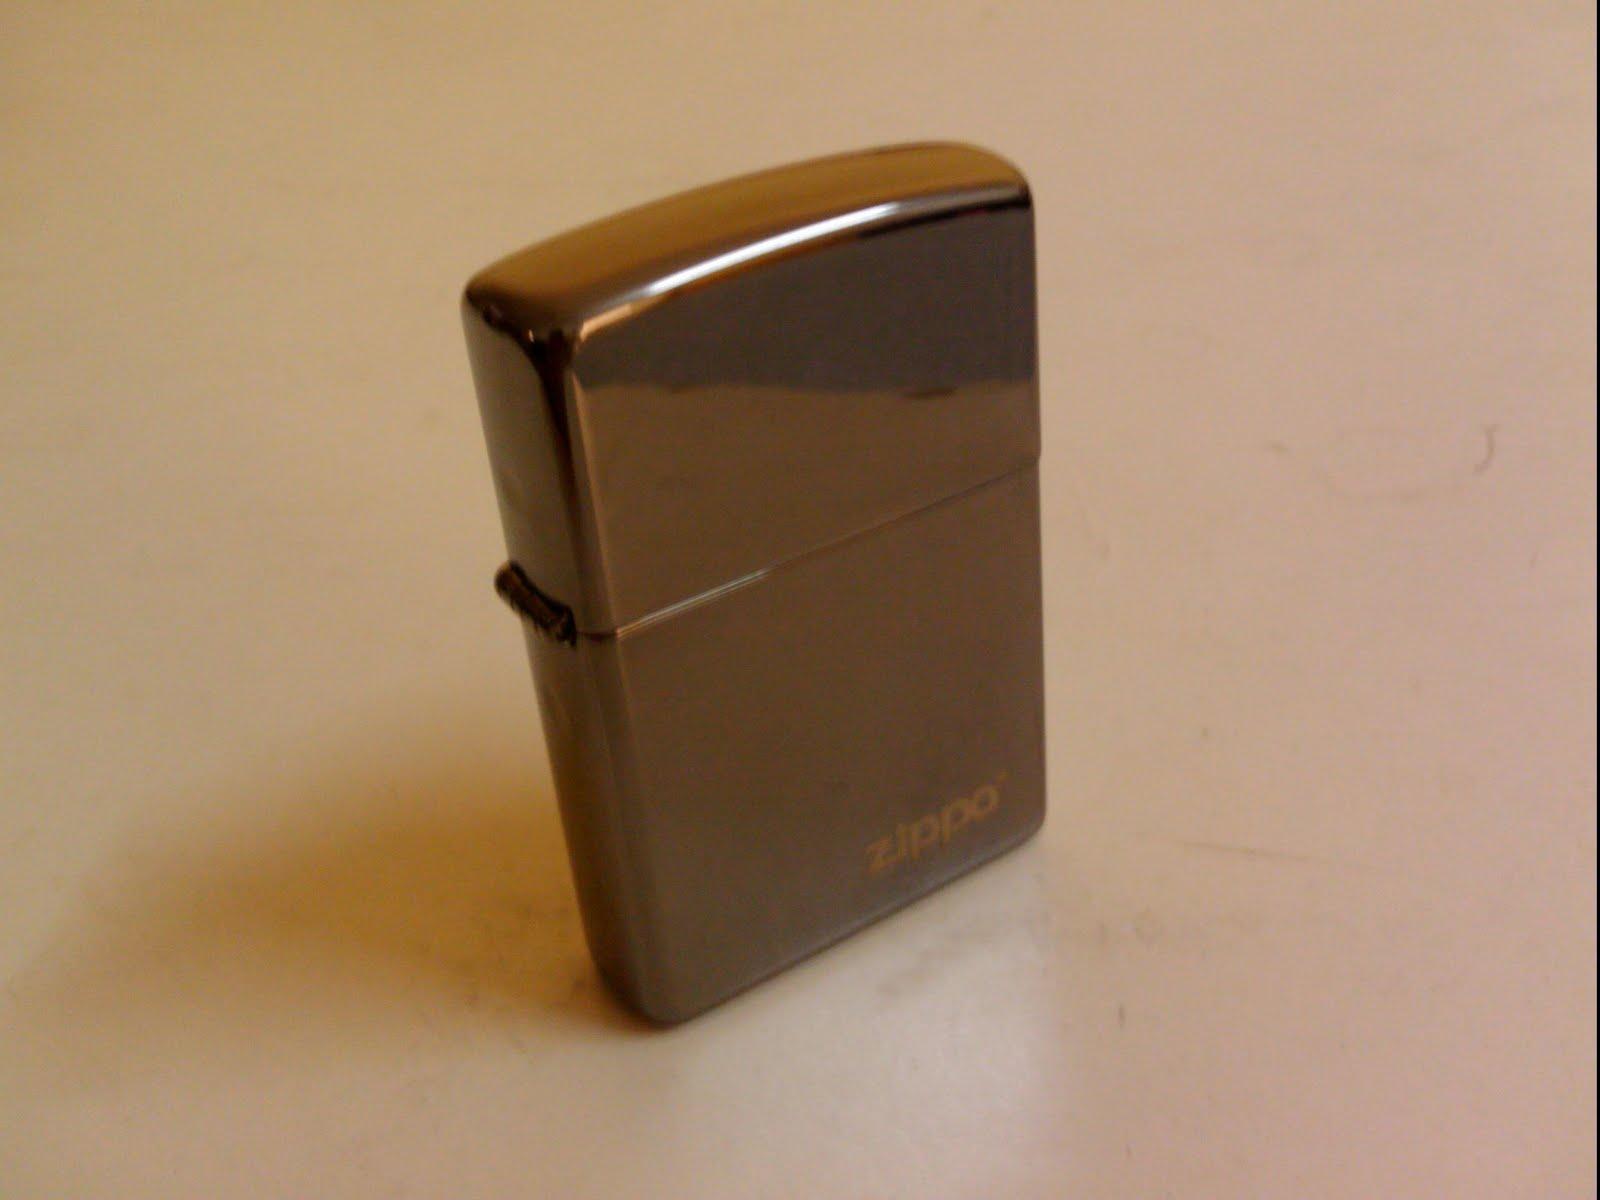 Wts Original Zippo Lighter Can Be Ordered Black Matte 218 Imghttp 1bpblogspotcom Egqlx Gpbmc Tgotsohjjpi Aaaaaaaaacs 1d6aiu1sm G S1600 P100812006 740292